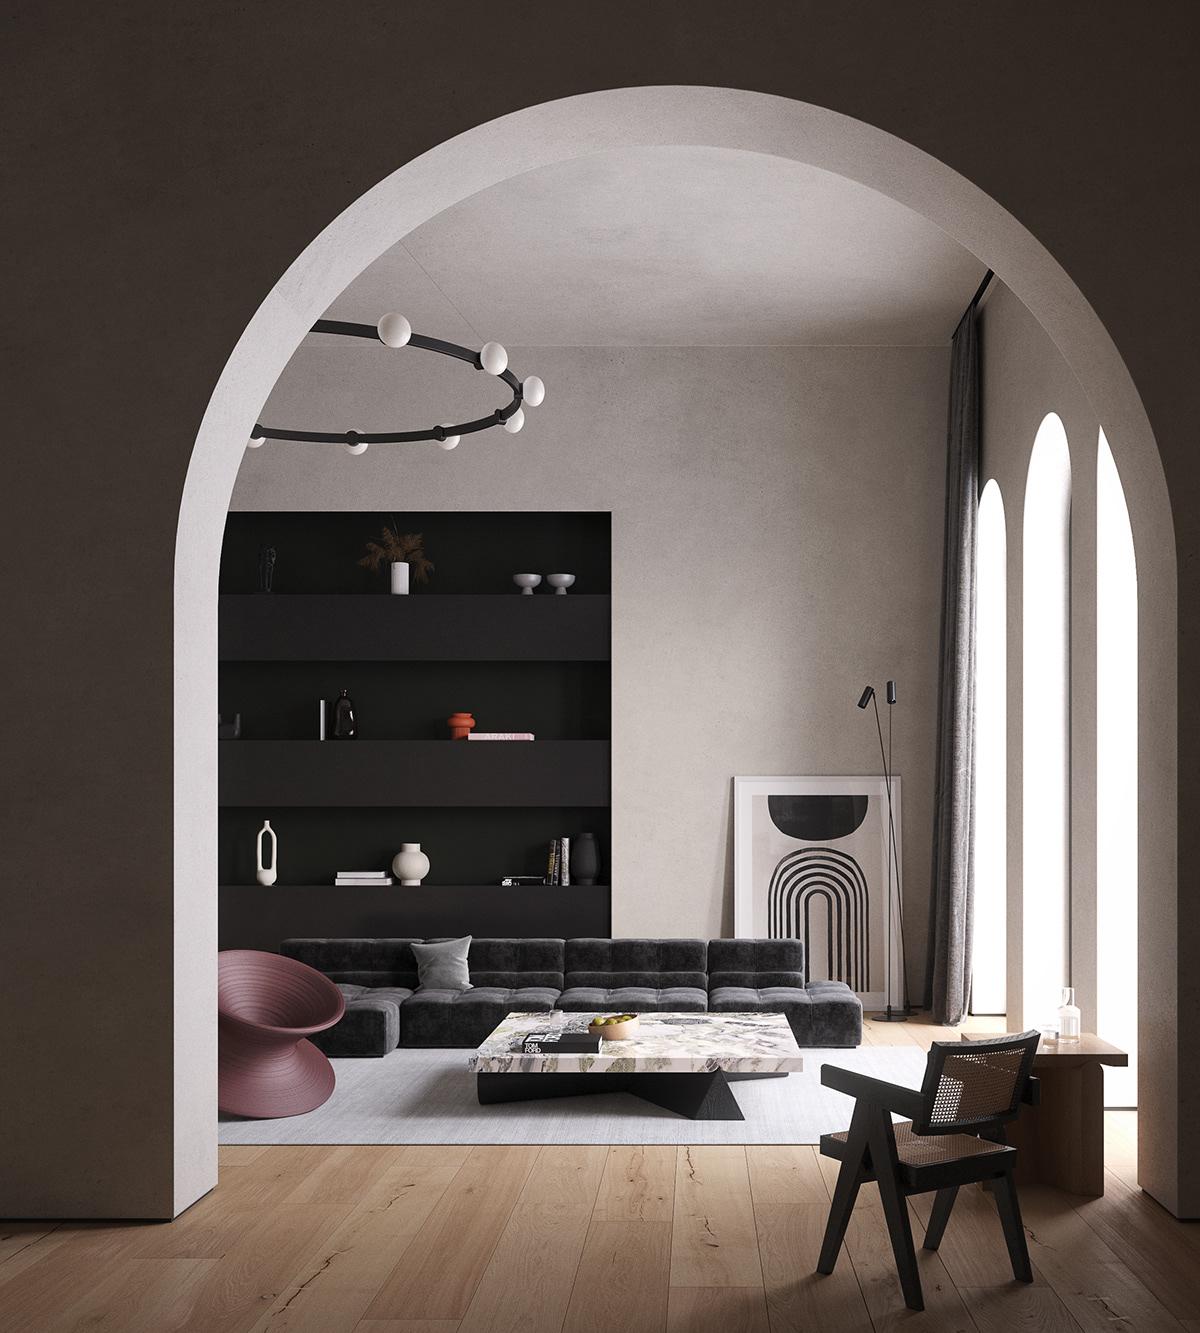 3D architecture CG CGI corona design Interior Render visualization vray